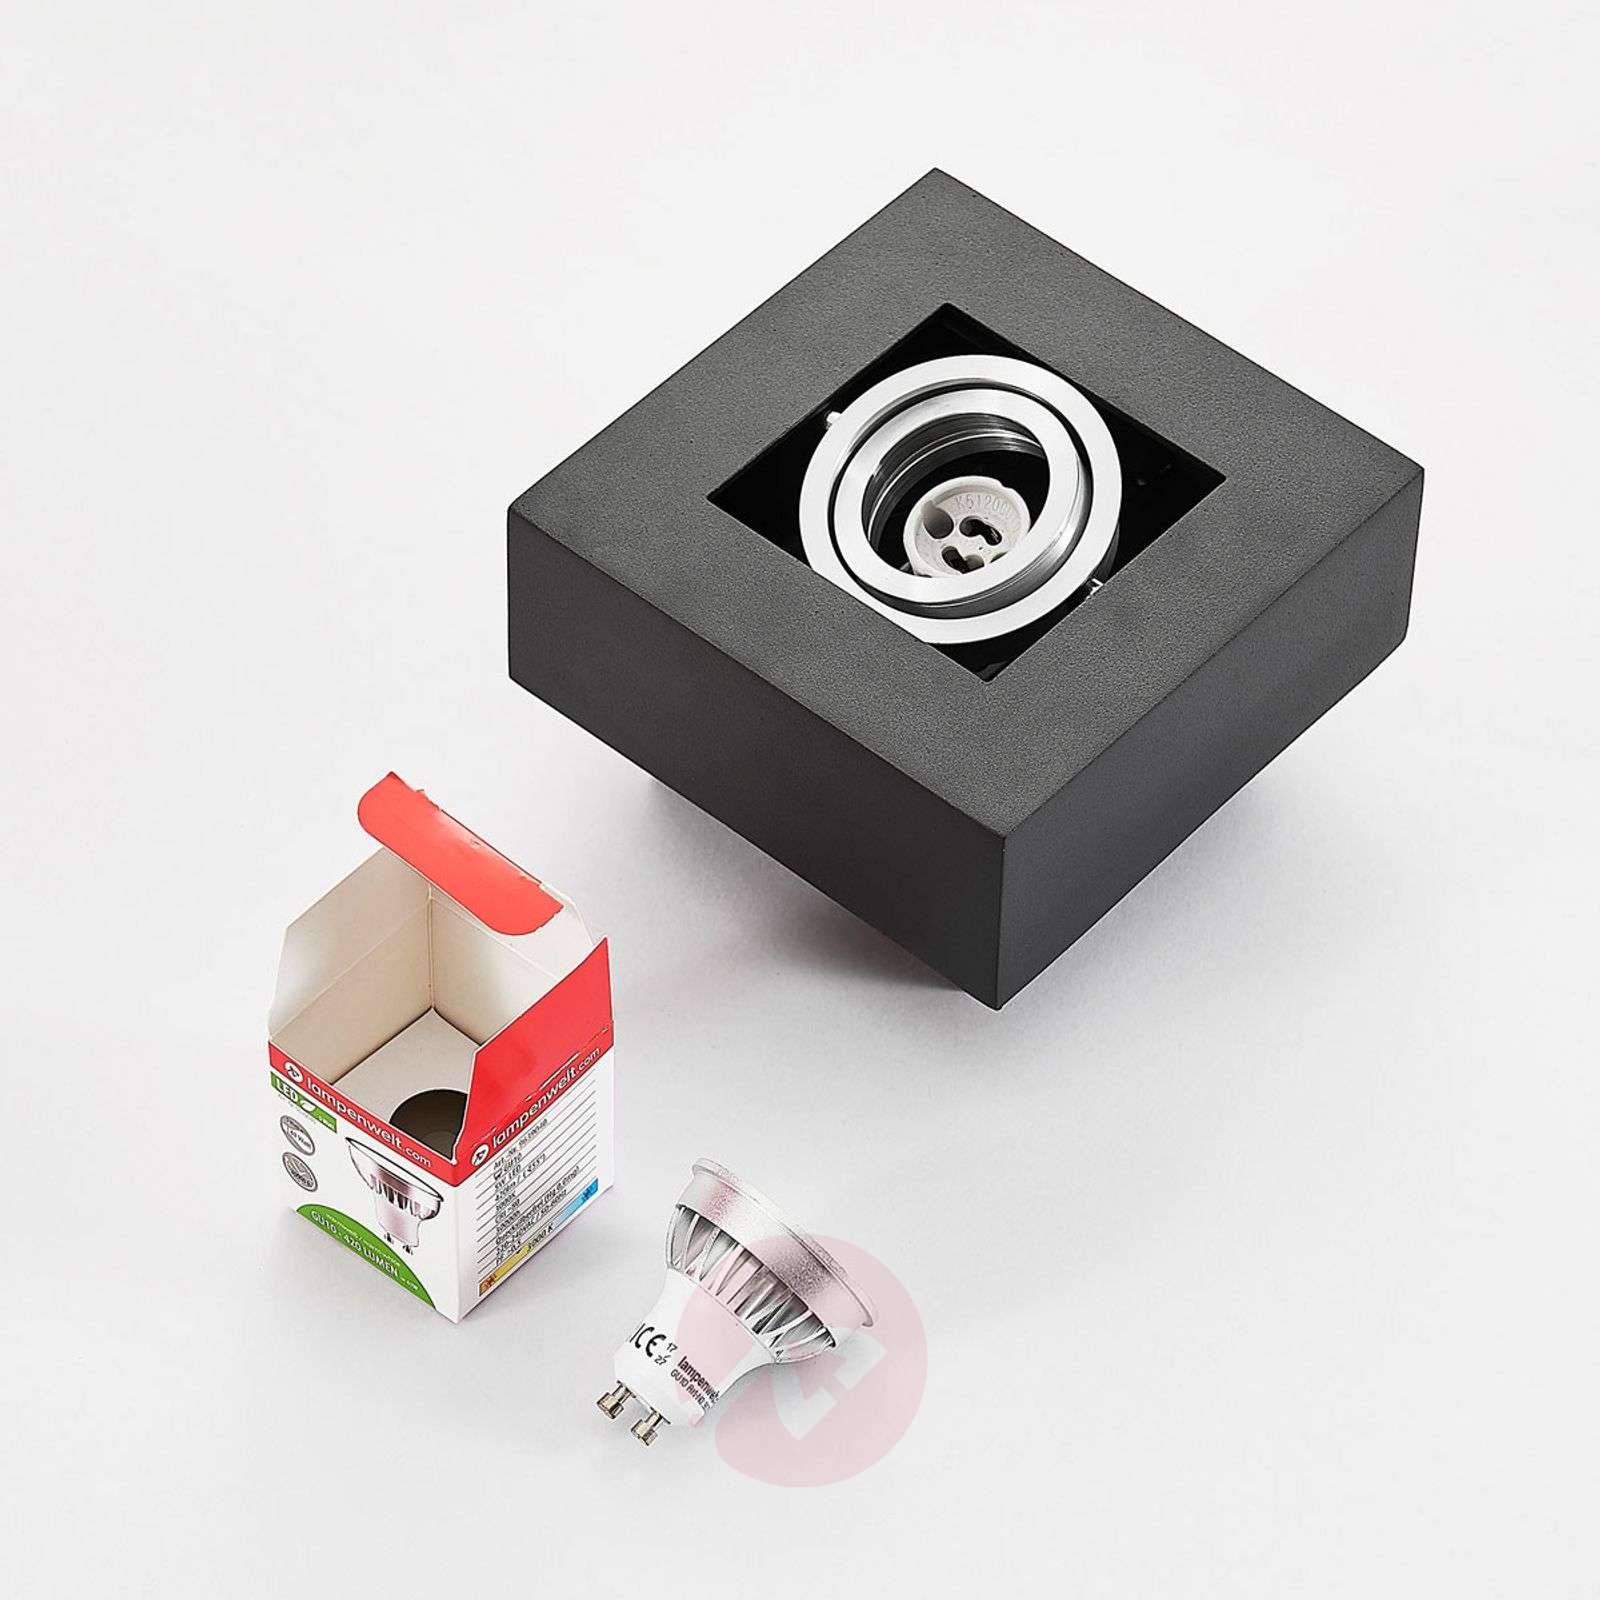 Musta LED-kattolamppu Vince, säädettävä osa-9621706-01